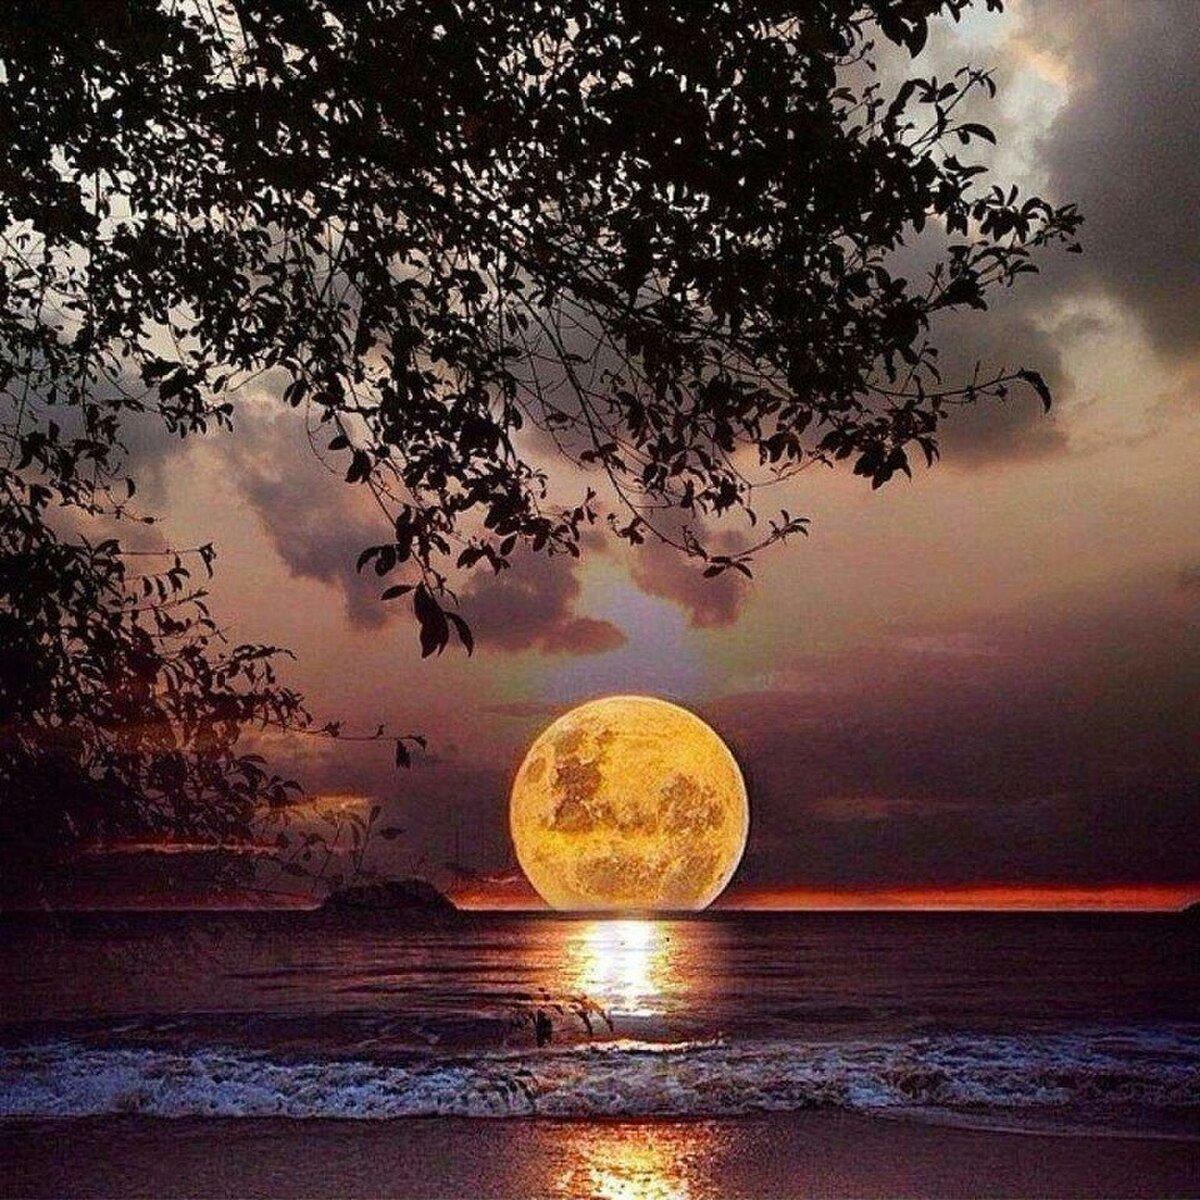 лунная соната красивые картинки